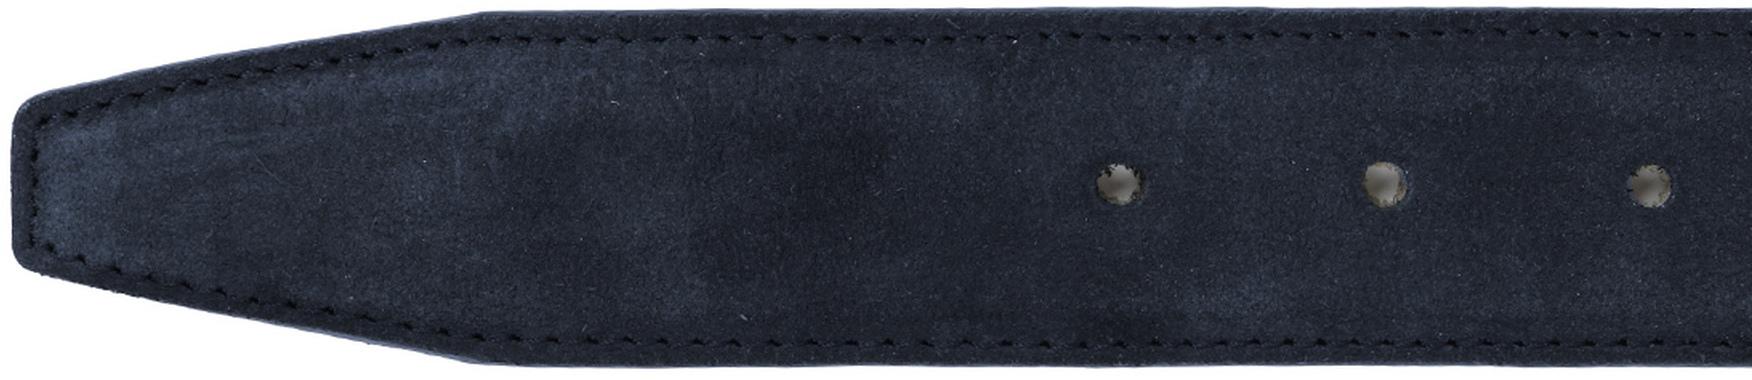 Profuomo Suede Dark blue Belt  foto 2